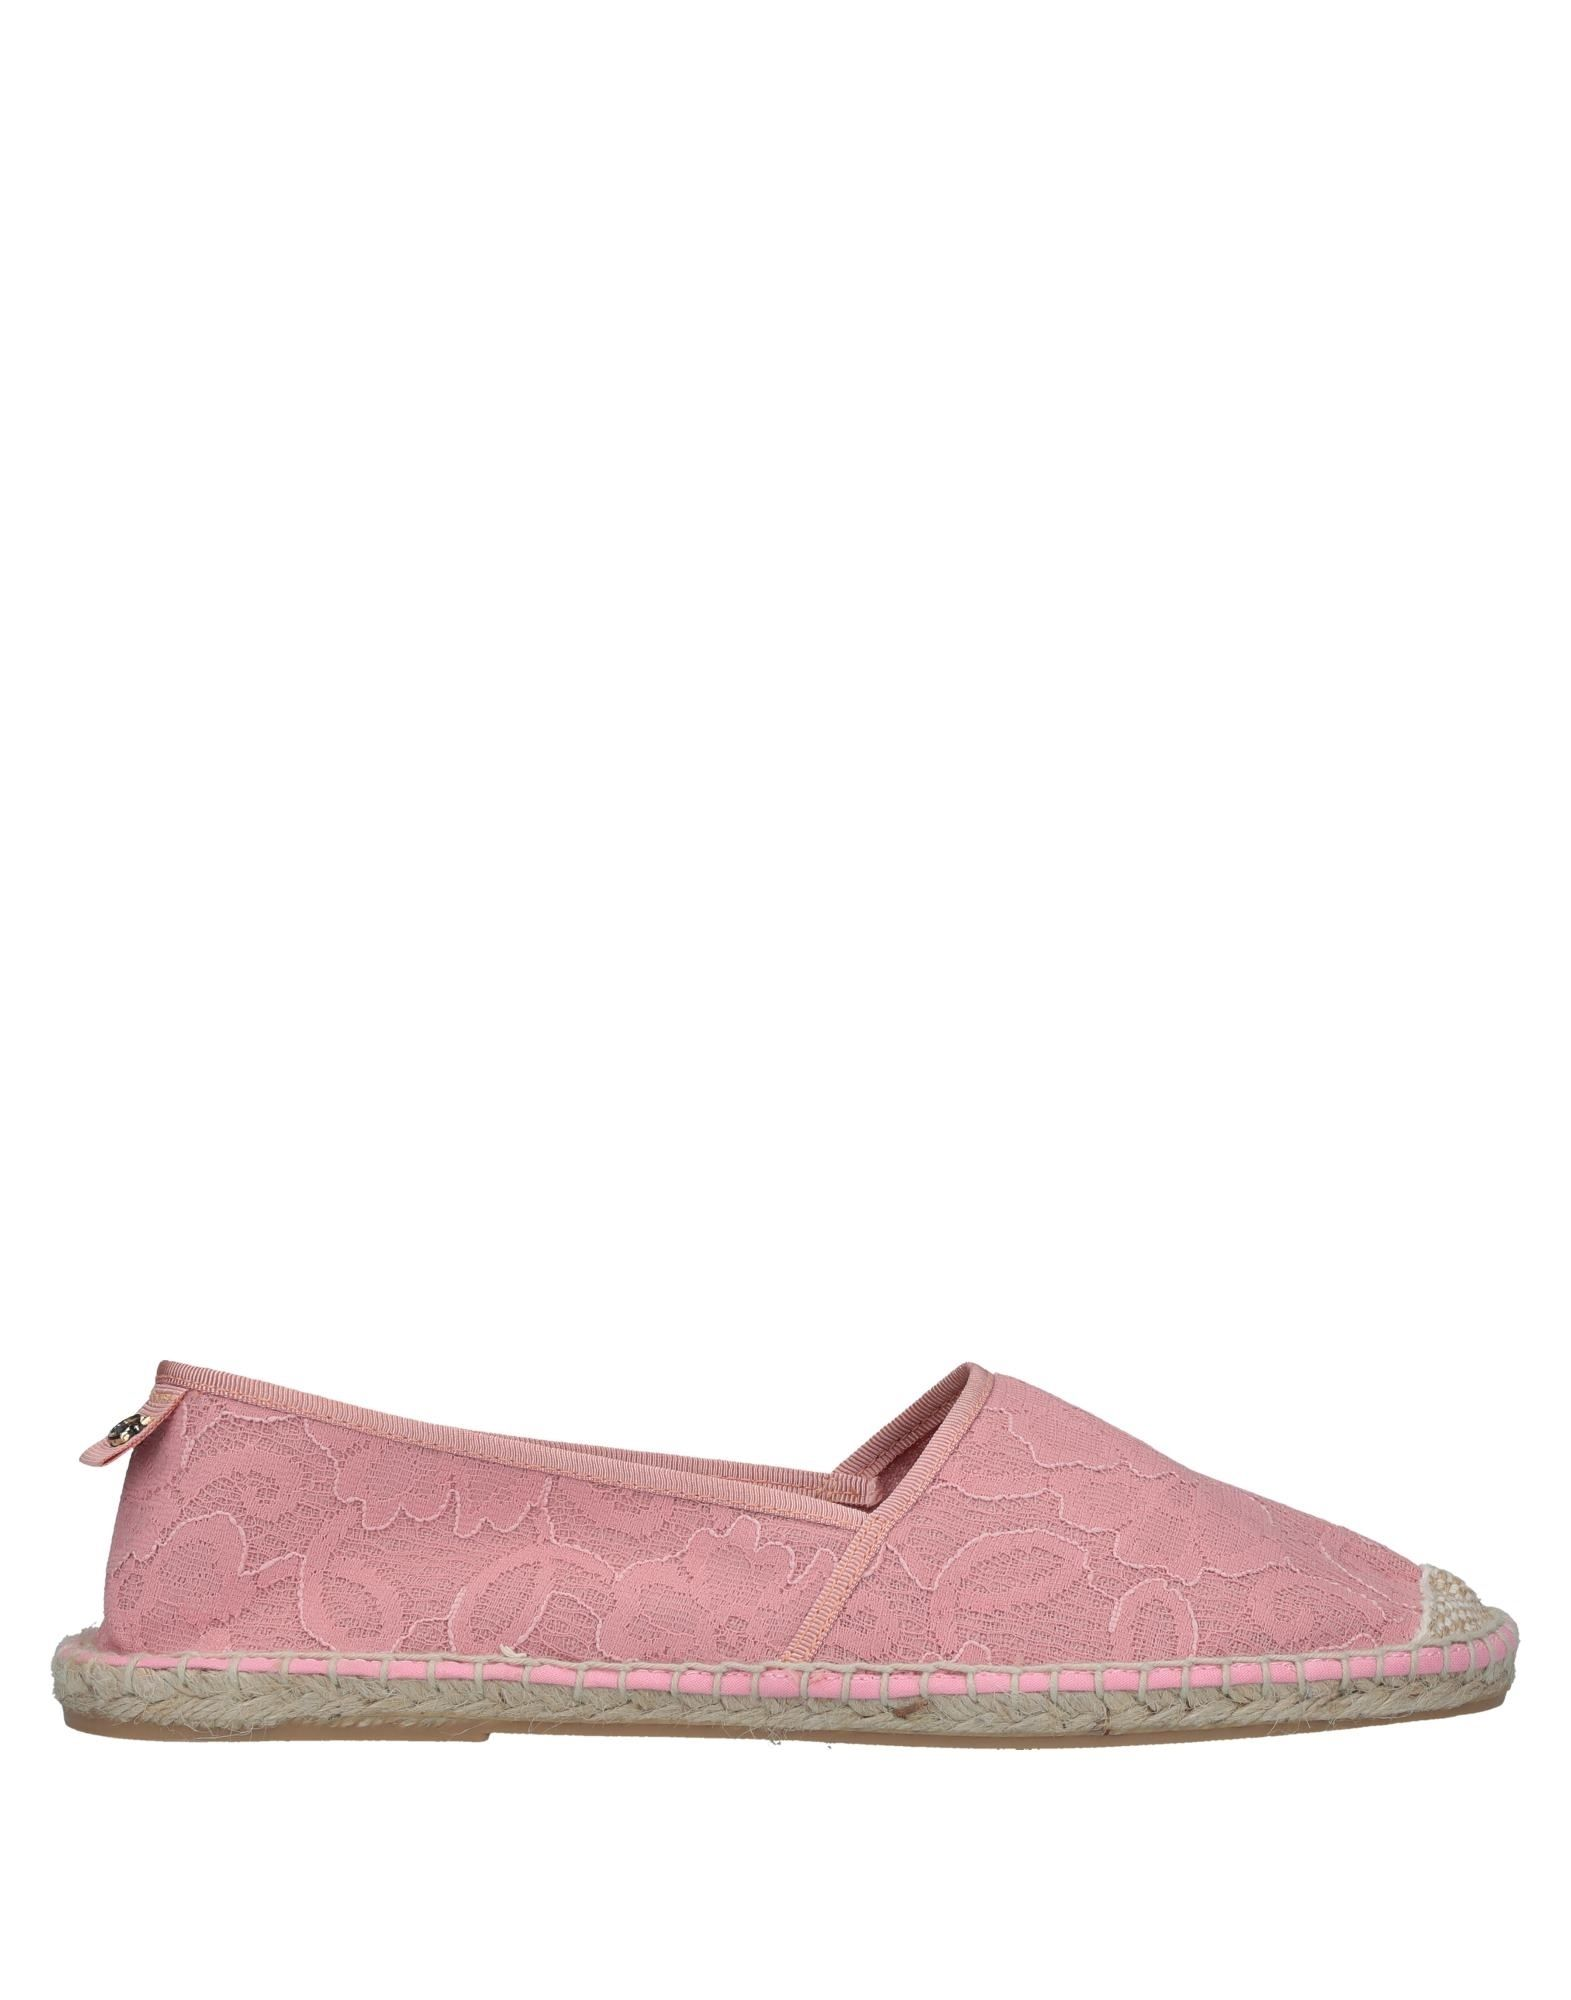 Guess Espadrilles Damen  11527708CQ Gute Qualität beliebte Schuhe